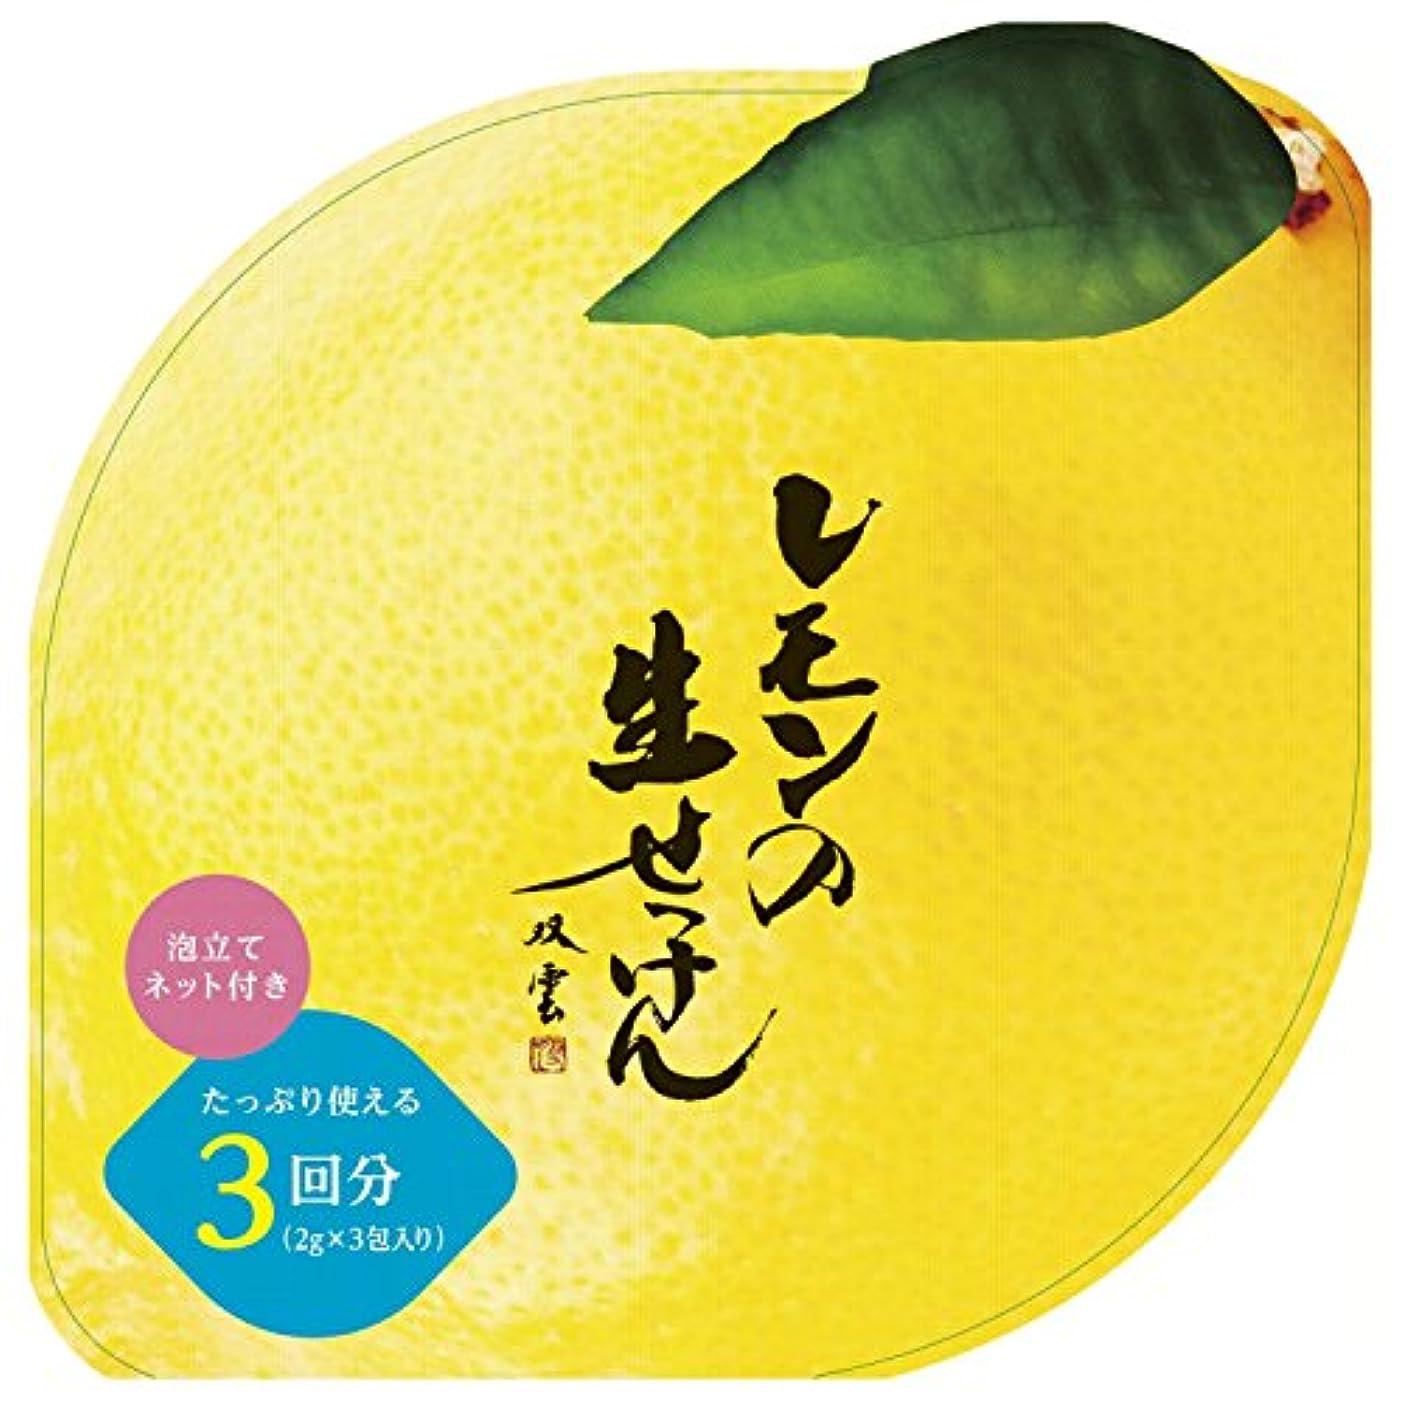 信じる架空の実業家美香柑 レモンの生せっけん 2g×3包入